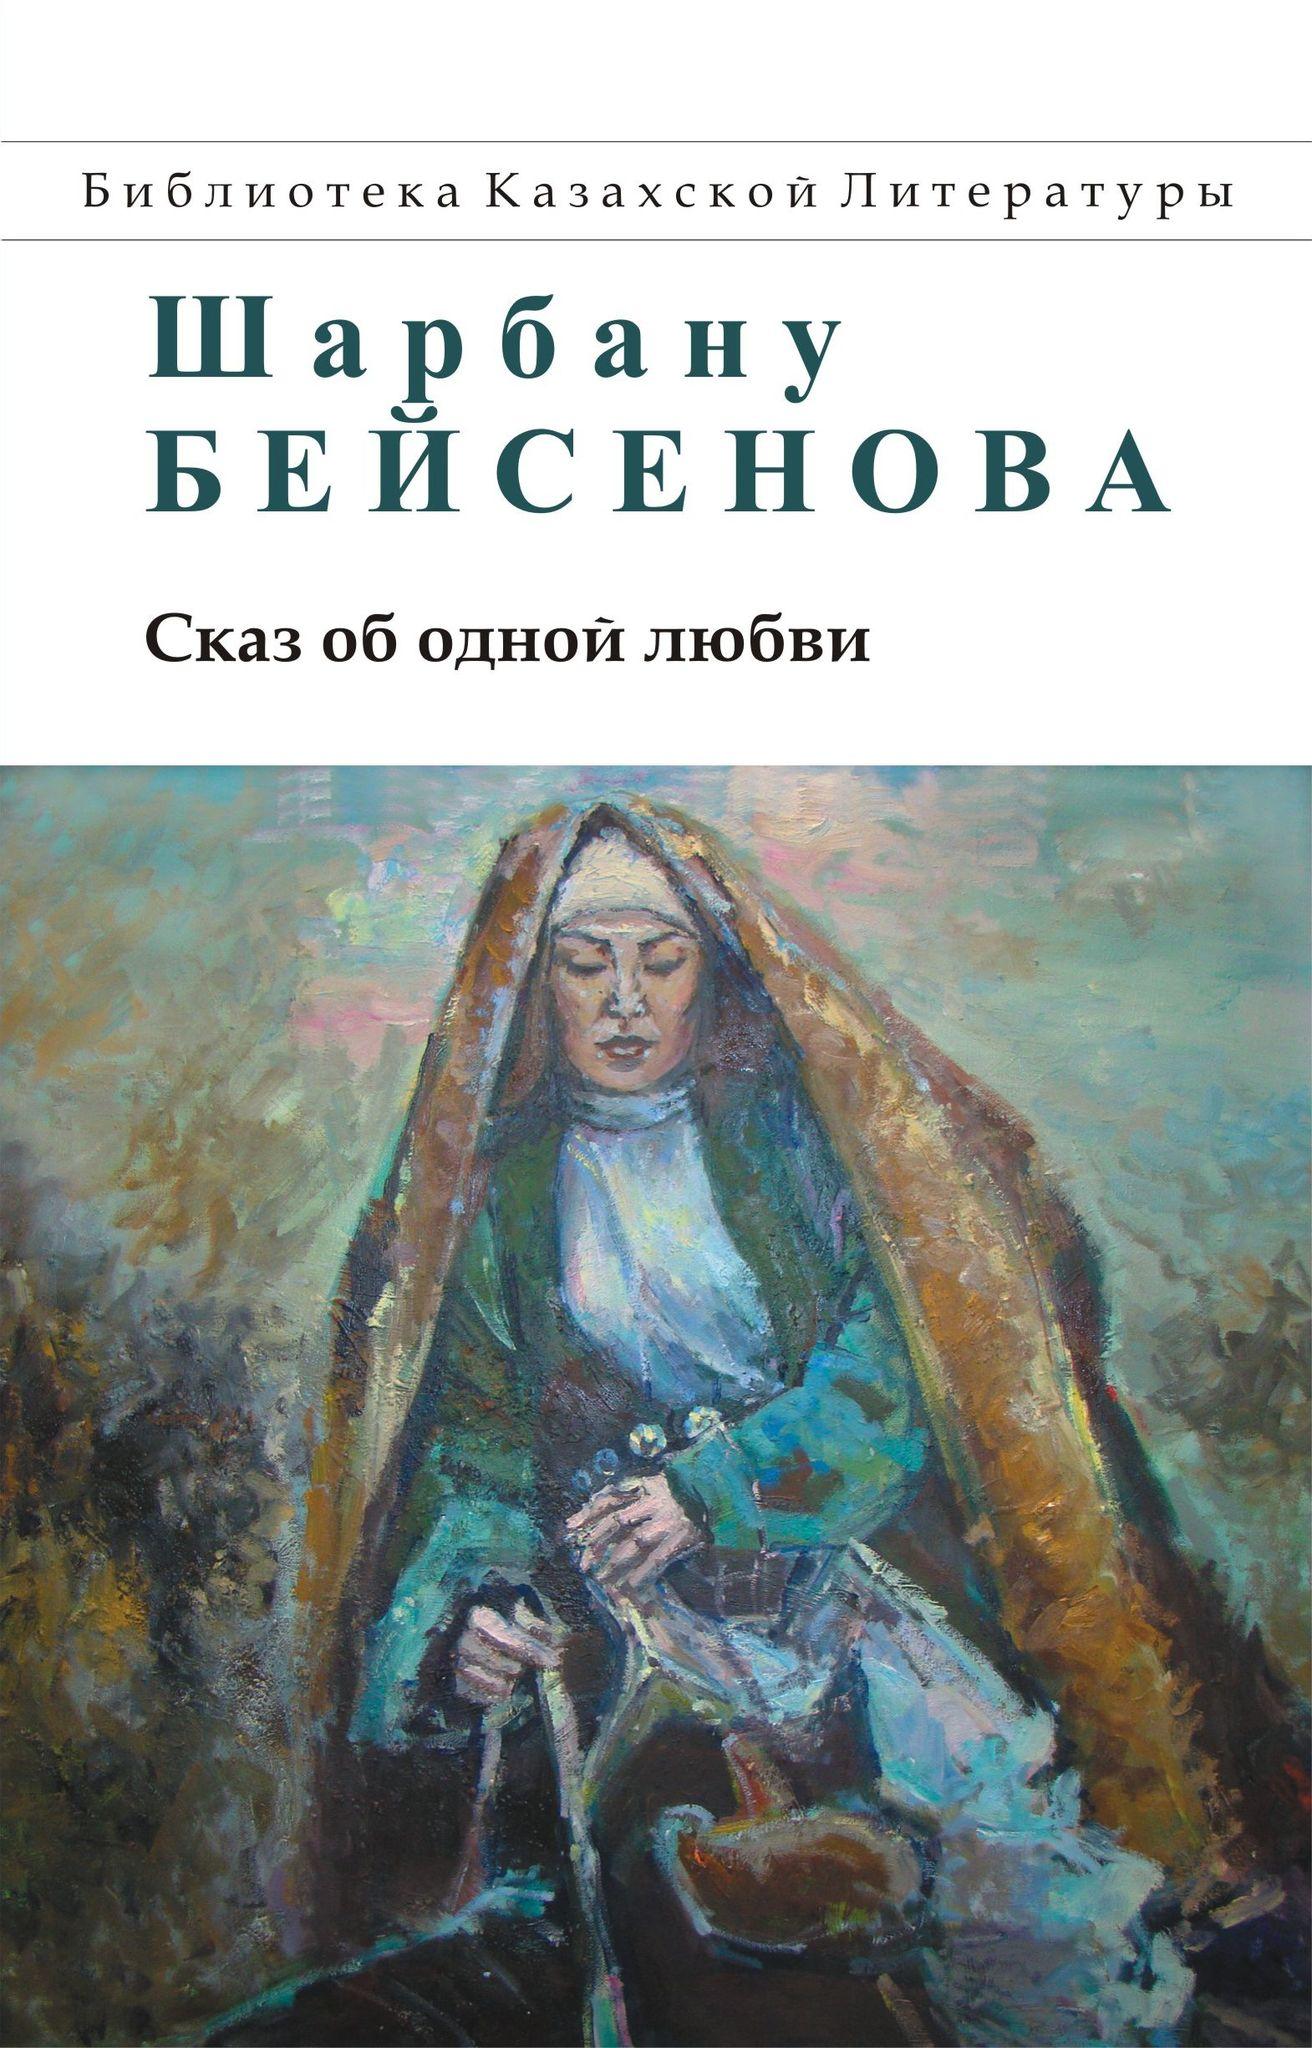 Сказ об одной любви. Шарбану Бейсенова